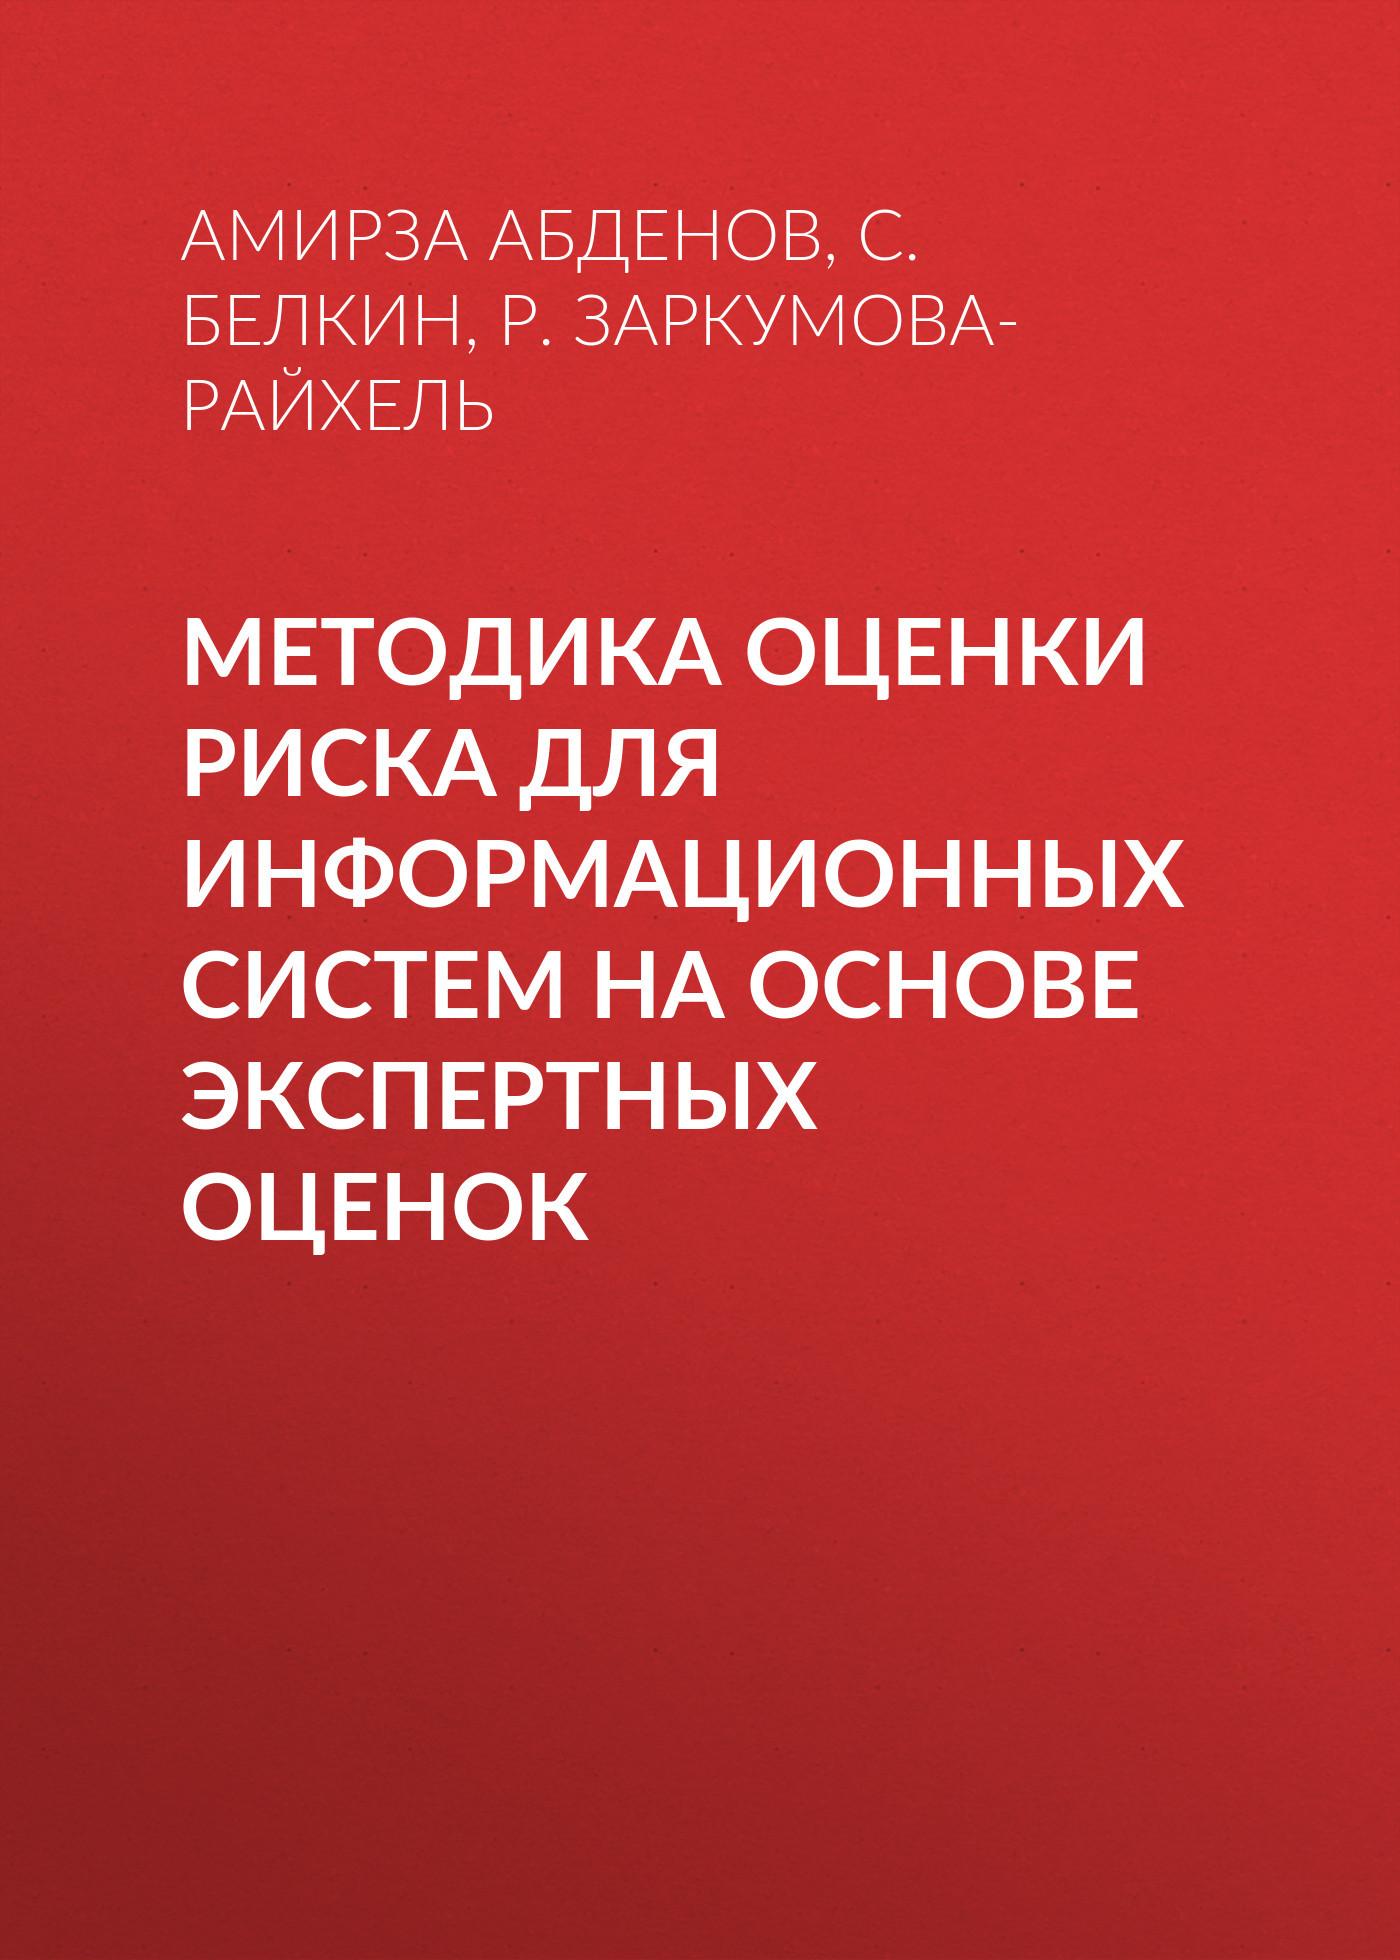 Амирза Абденов Методика оценки риска для информационных систем на основе экспертных оценок кузнецов и дикуль и касьян уник методика леч позвоночника